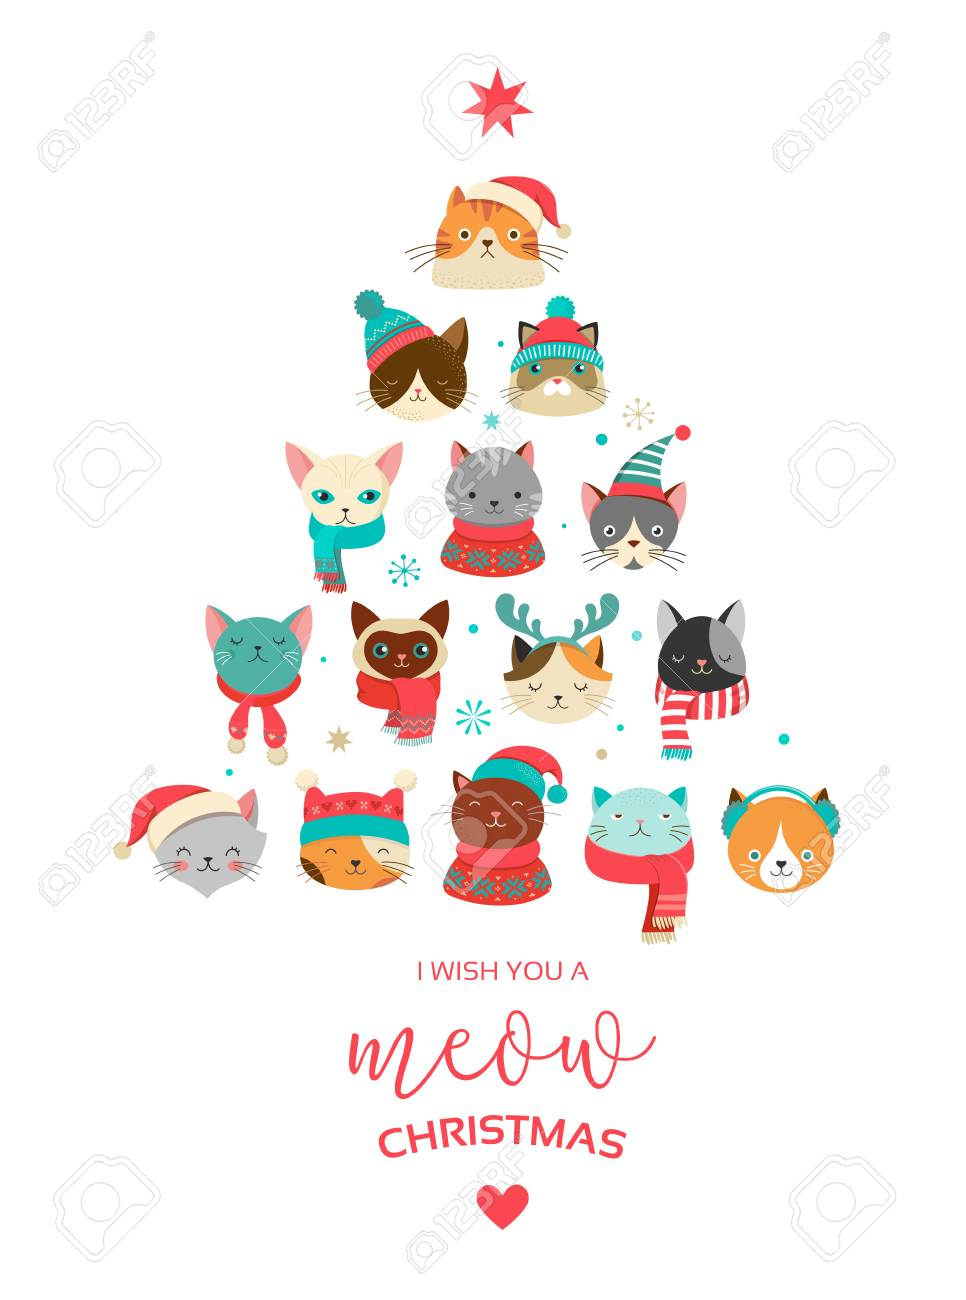 セーターニットの帽子のようなアクセサリーとかわいい猫のメリー